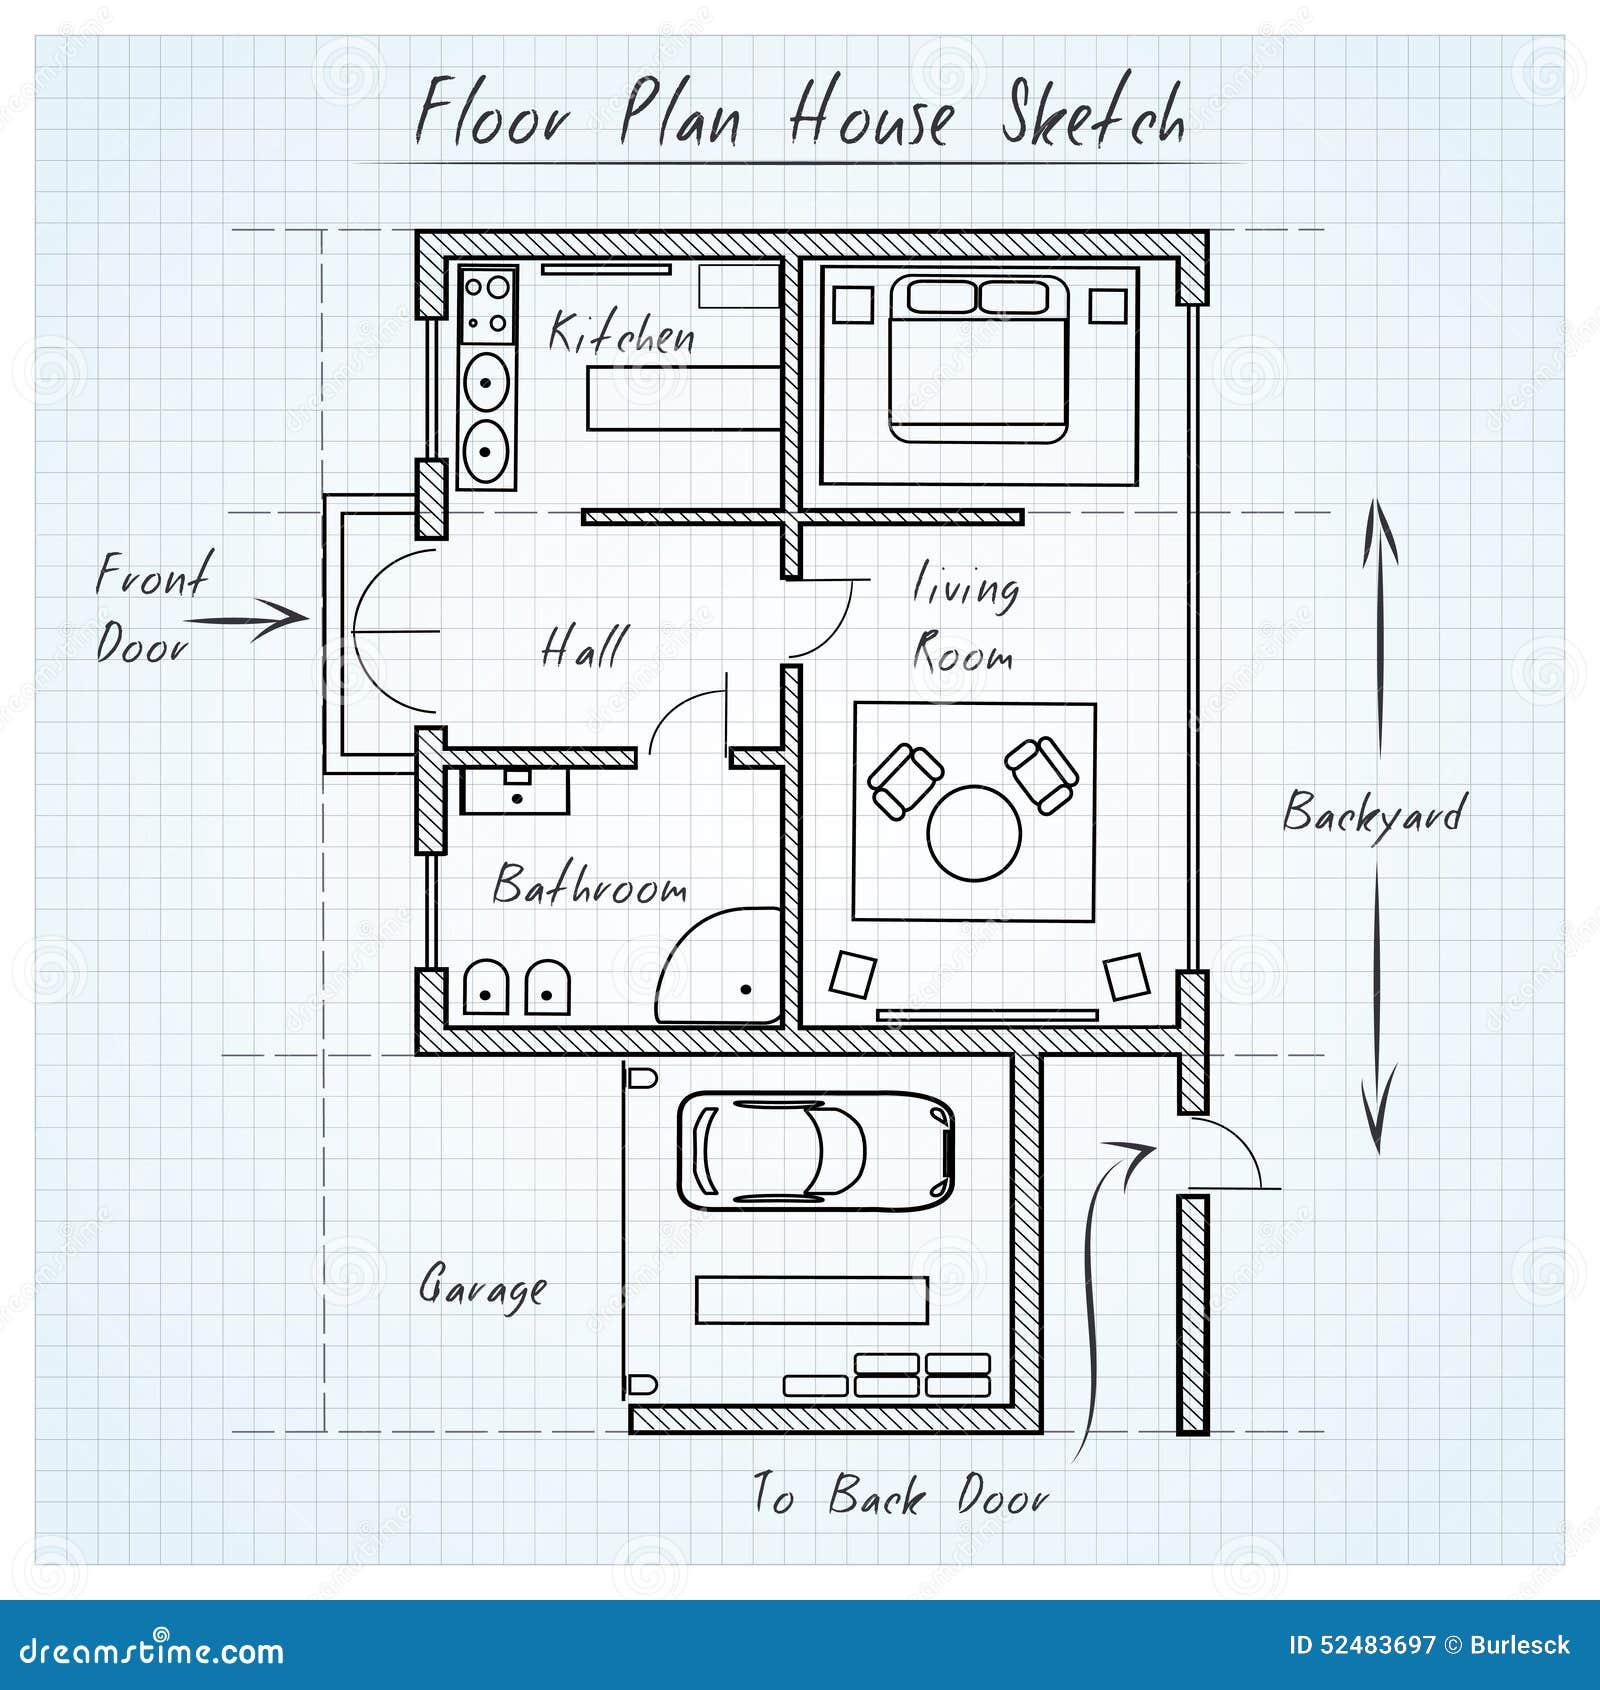 楼面布置图房子剪影 向量例证 插画 包括有 布琼布拉 顽皮地 停车库 家具 草拟 拱道 内部